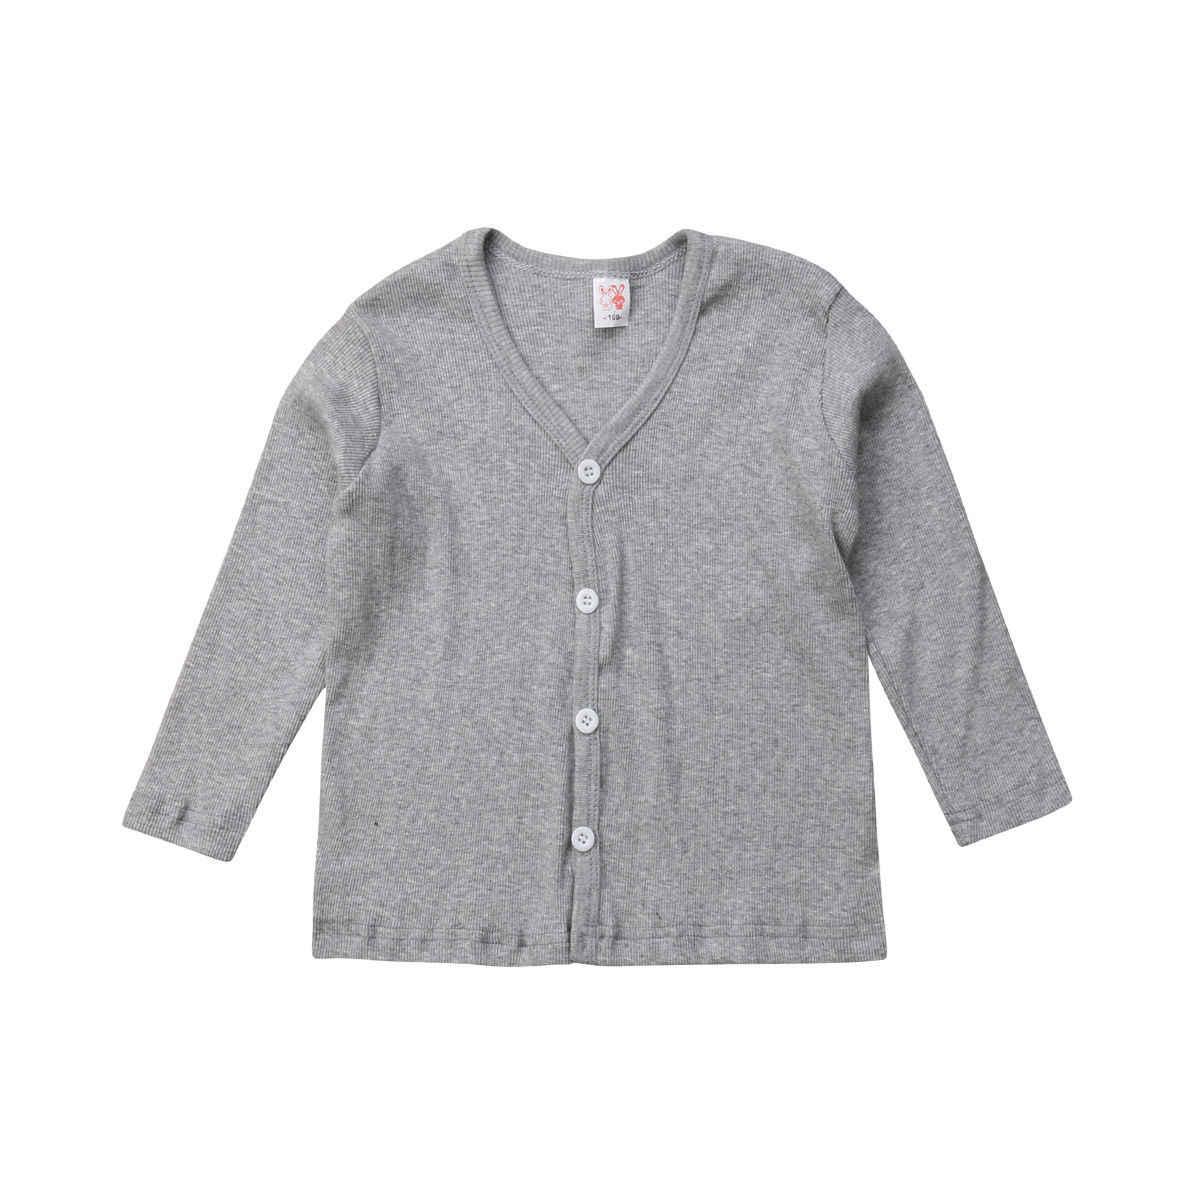 פעוט ילדי תינוק ילד ילדה סרוג V צוואר סוודר קרדיגן מעיל ארוך שרוול למעלה להאריך ימים יותר